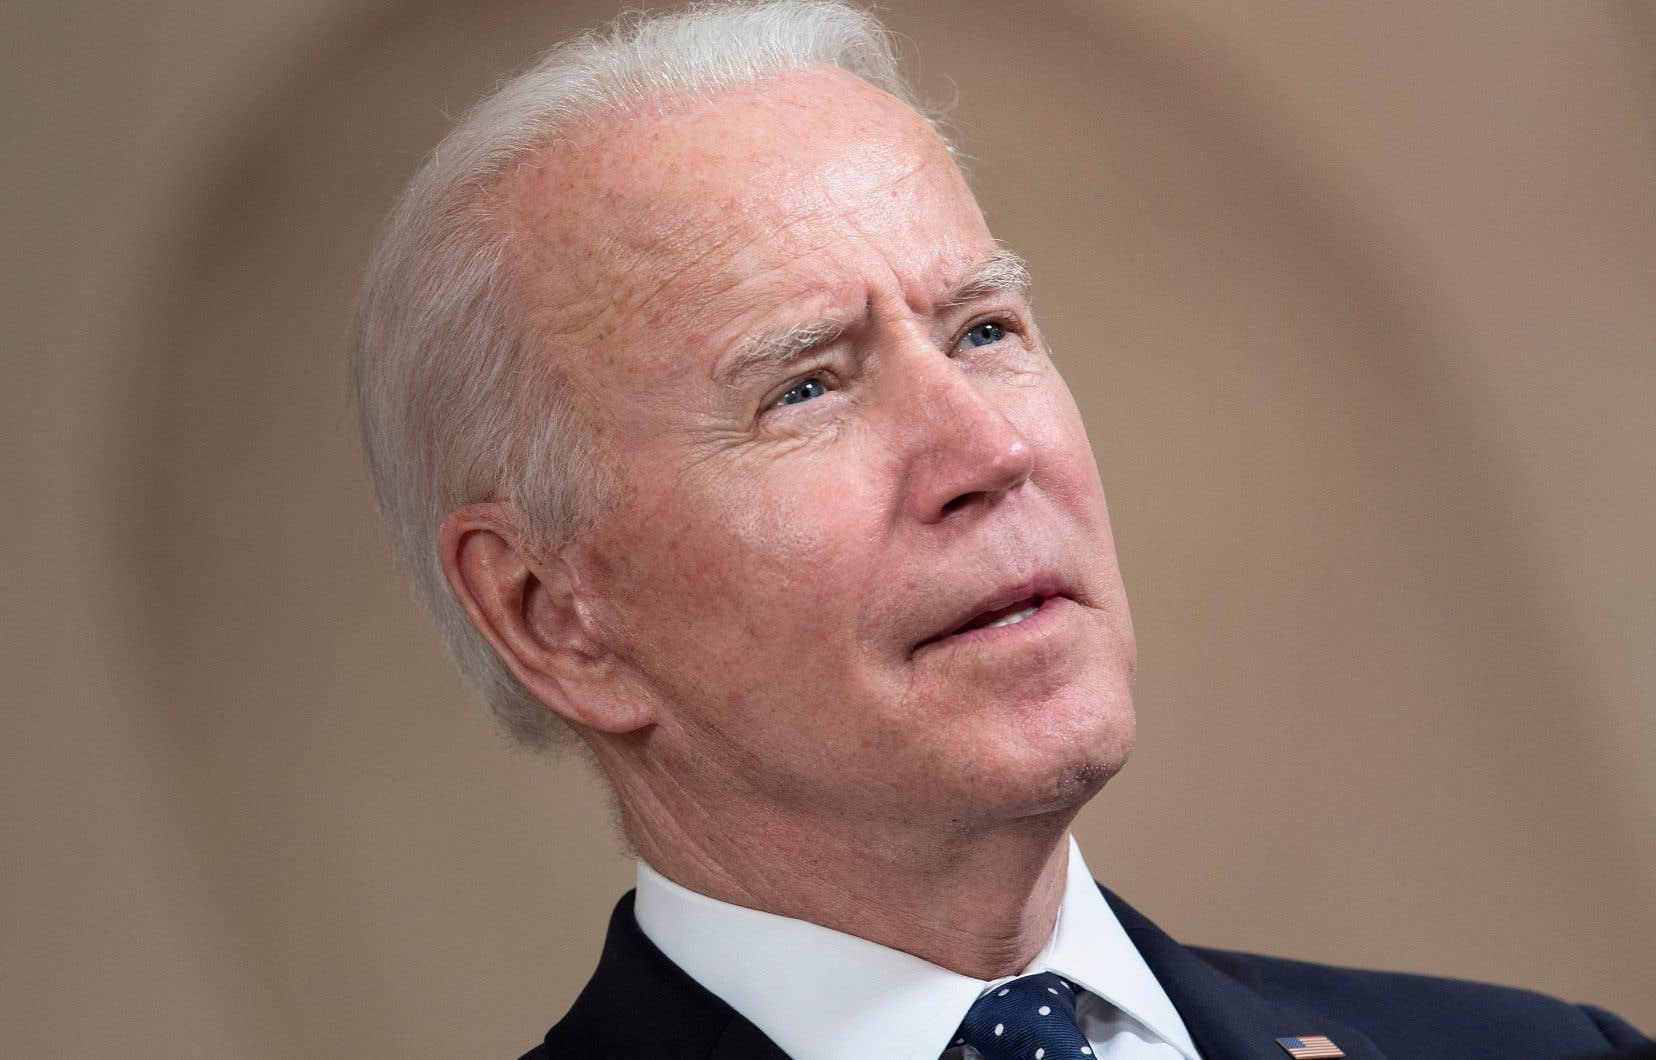 «L'heure est venue pour ce pays de se rassembler» , a-t-il déclaré lors d'une brève allocution depuis la Maison Blanche.